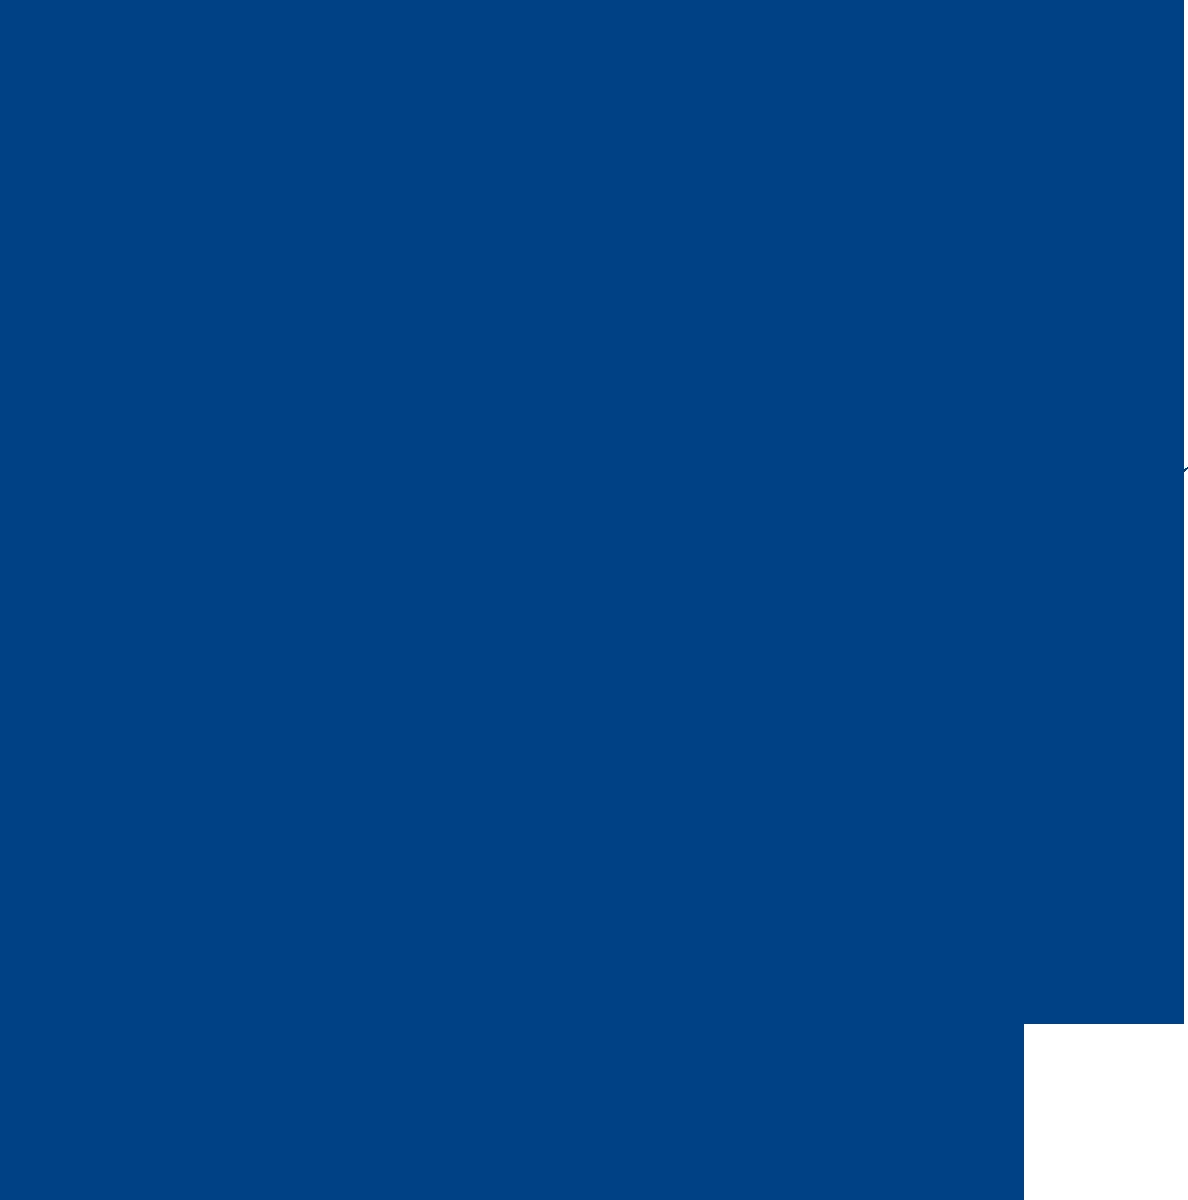 Lead Star blue star